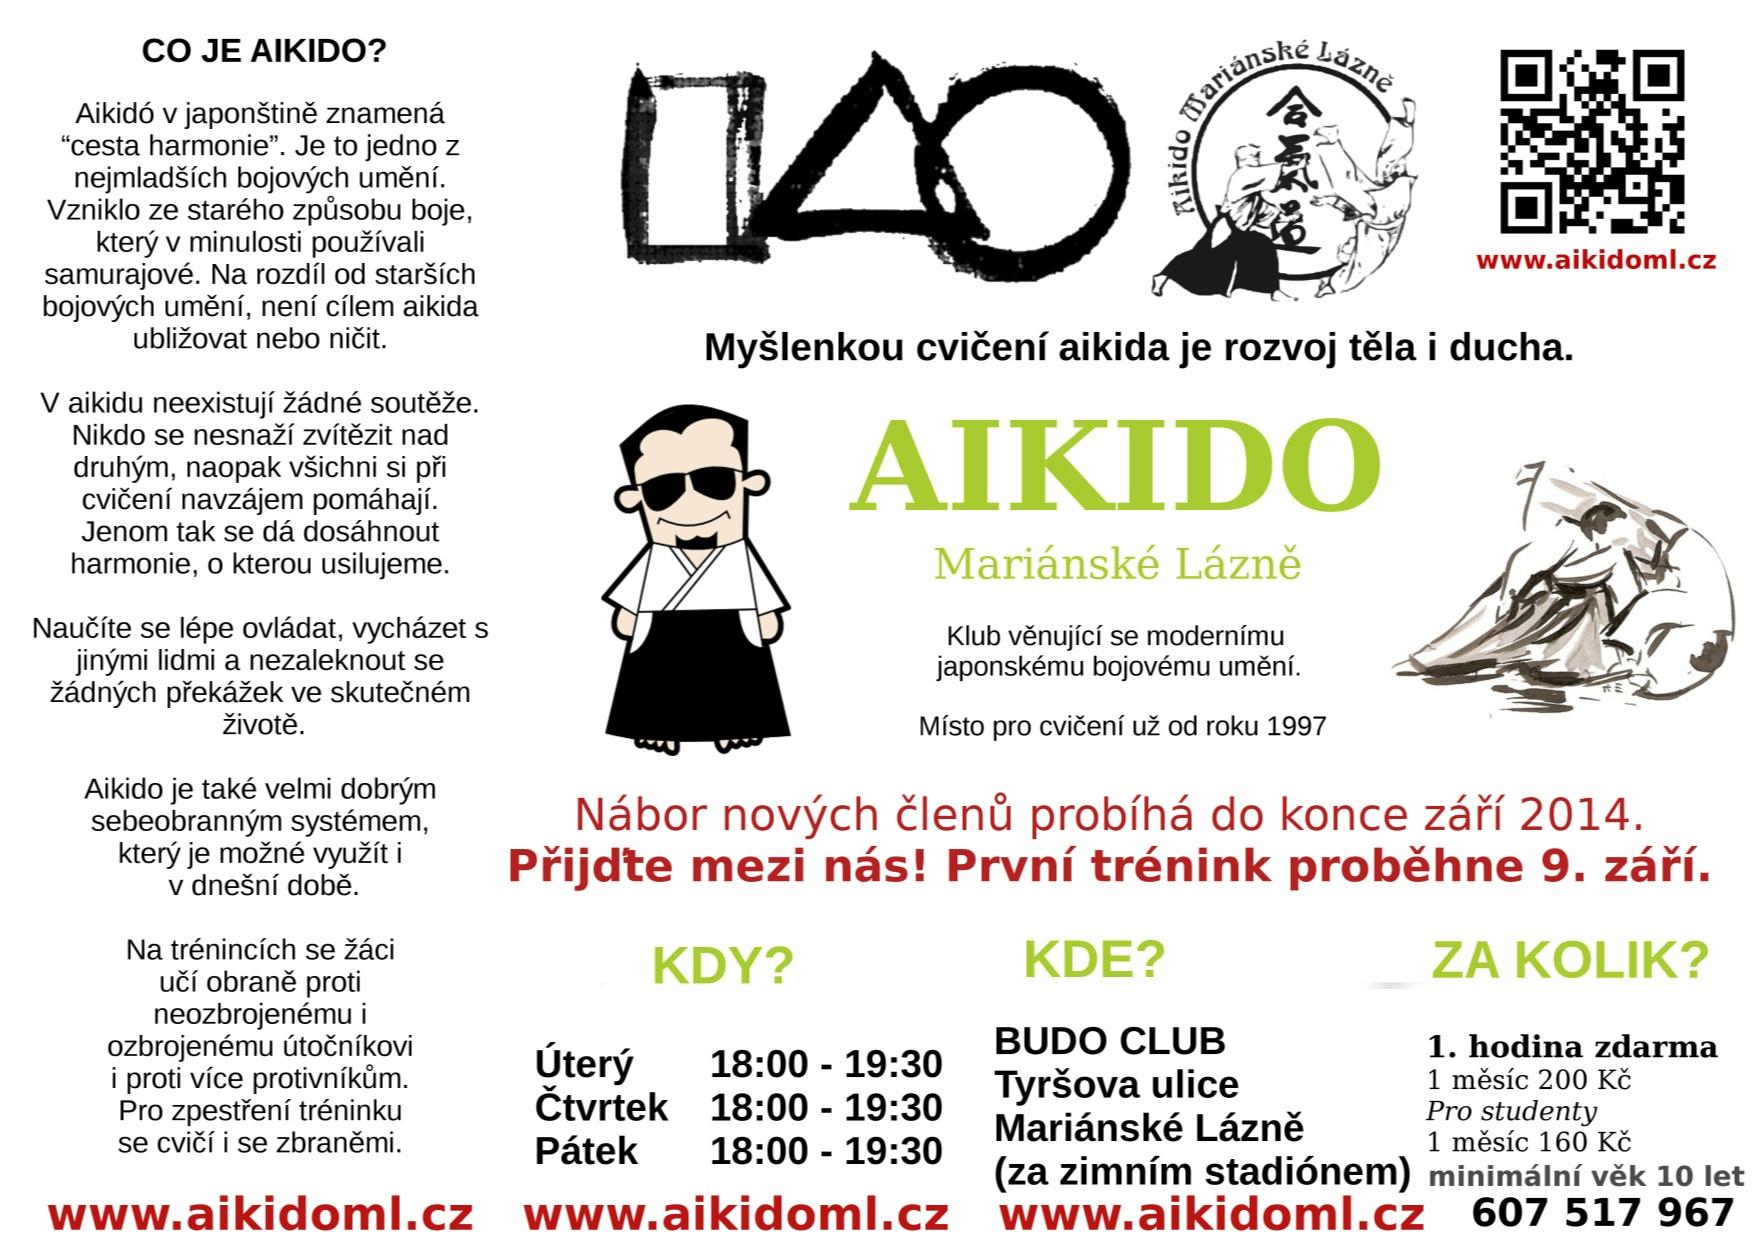 Aikido Pro Všechny Začíná 9. Září 2014